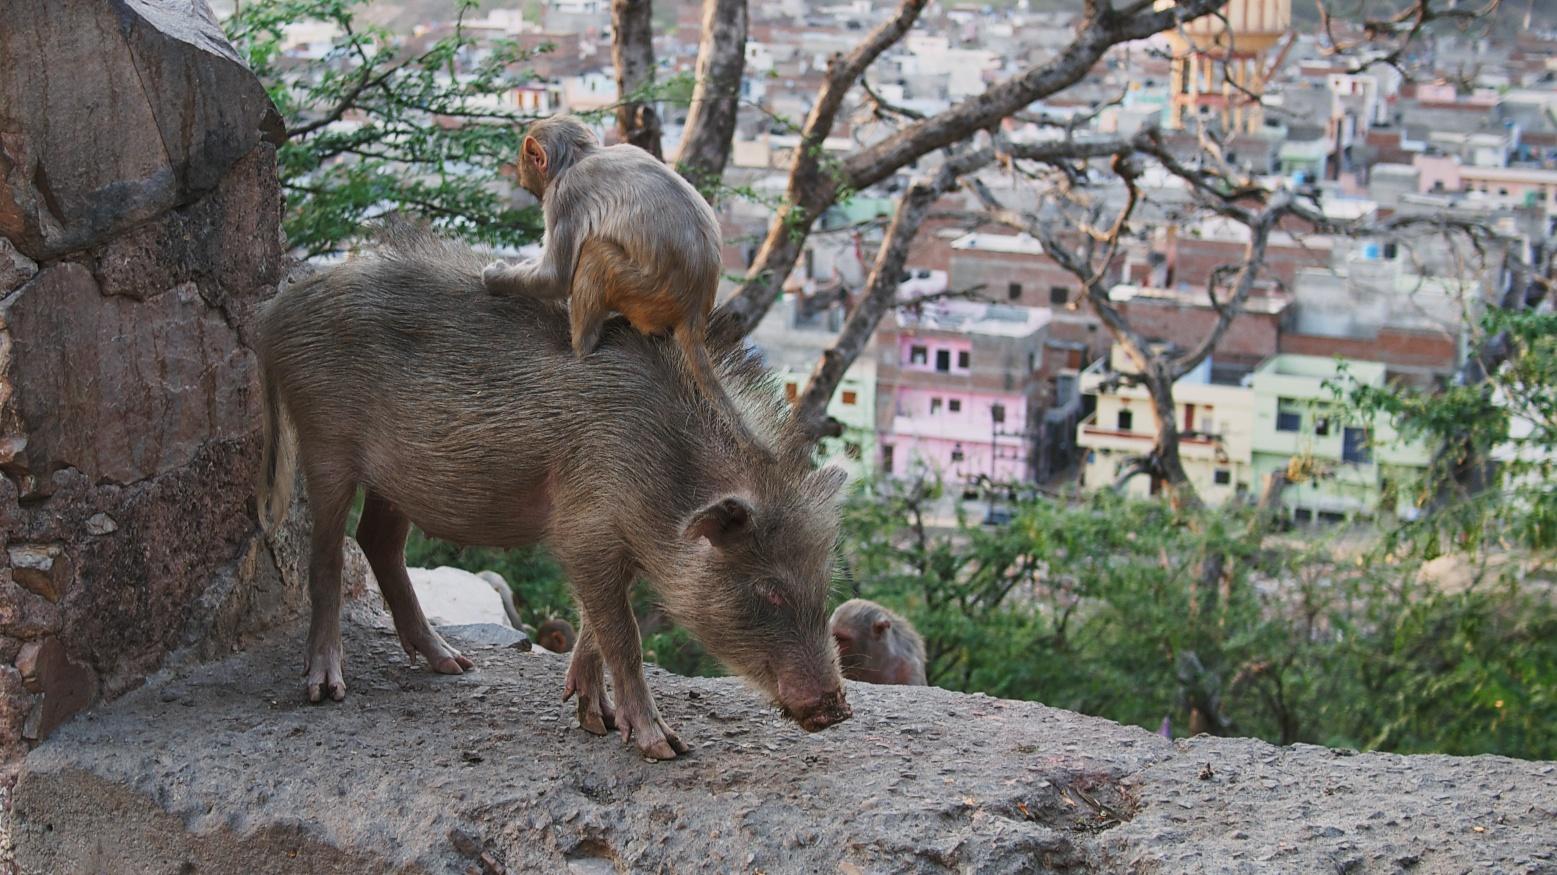 pig carries monkey, monkey eats bugs.